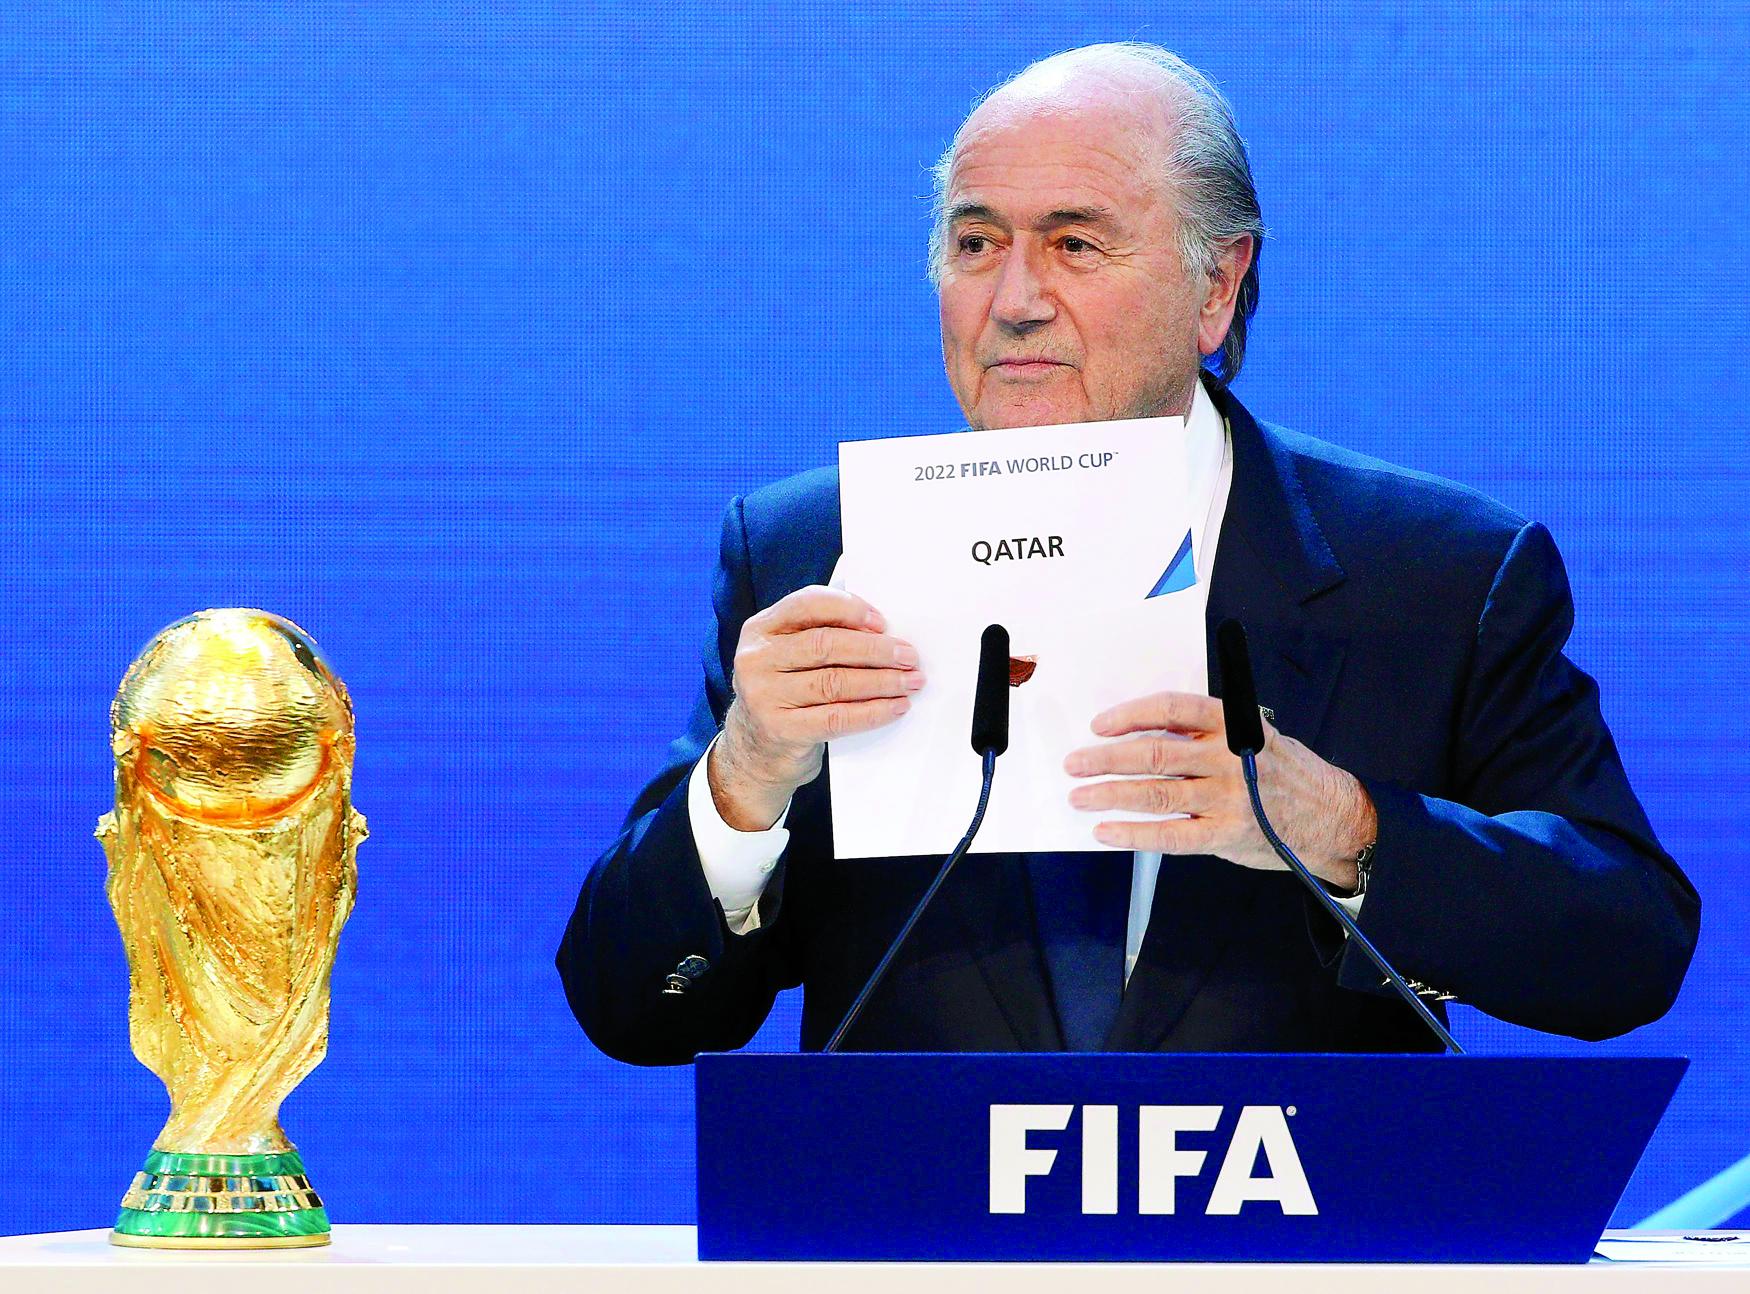 استضافة قطر لكأس العالم